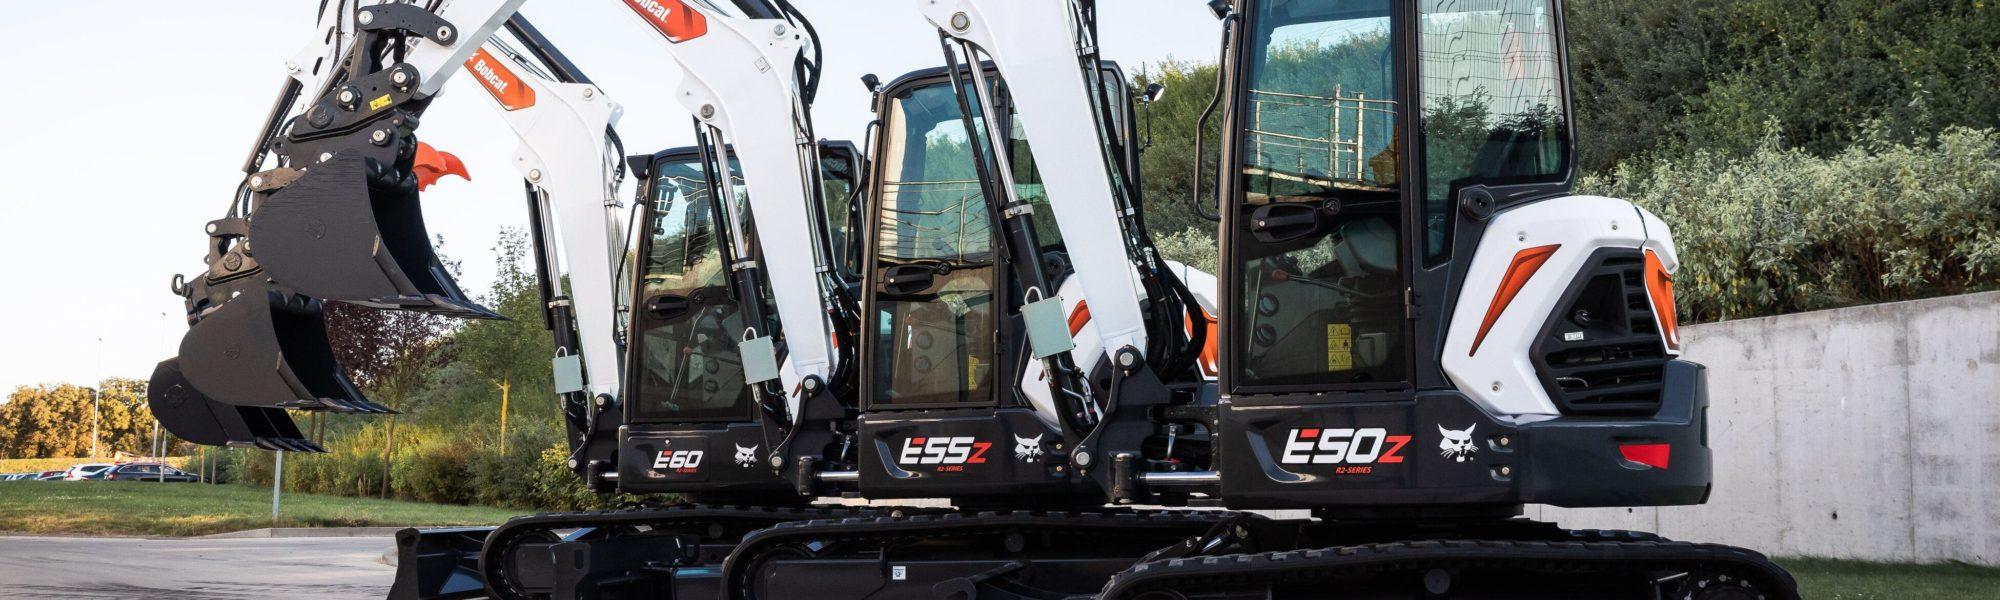 Large-20200919_E50+E55+E60_02